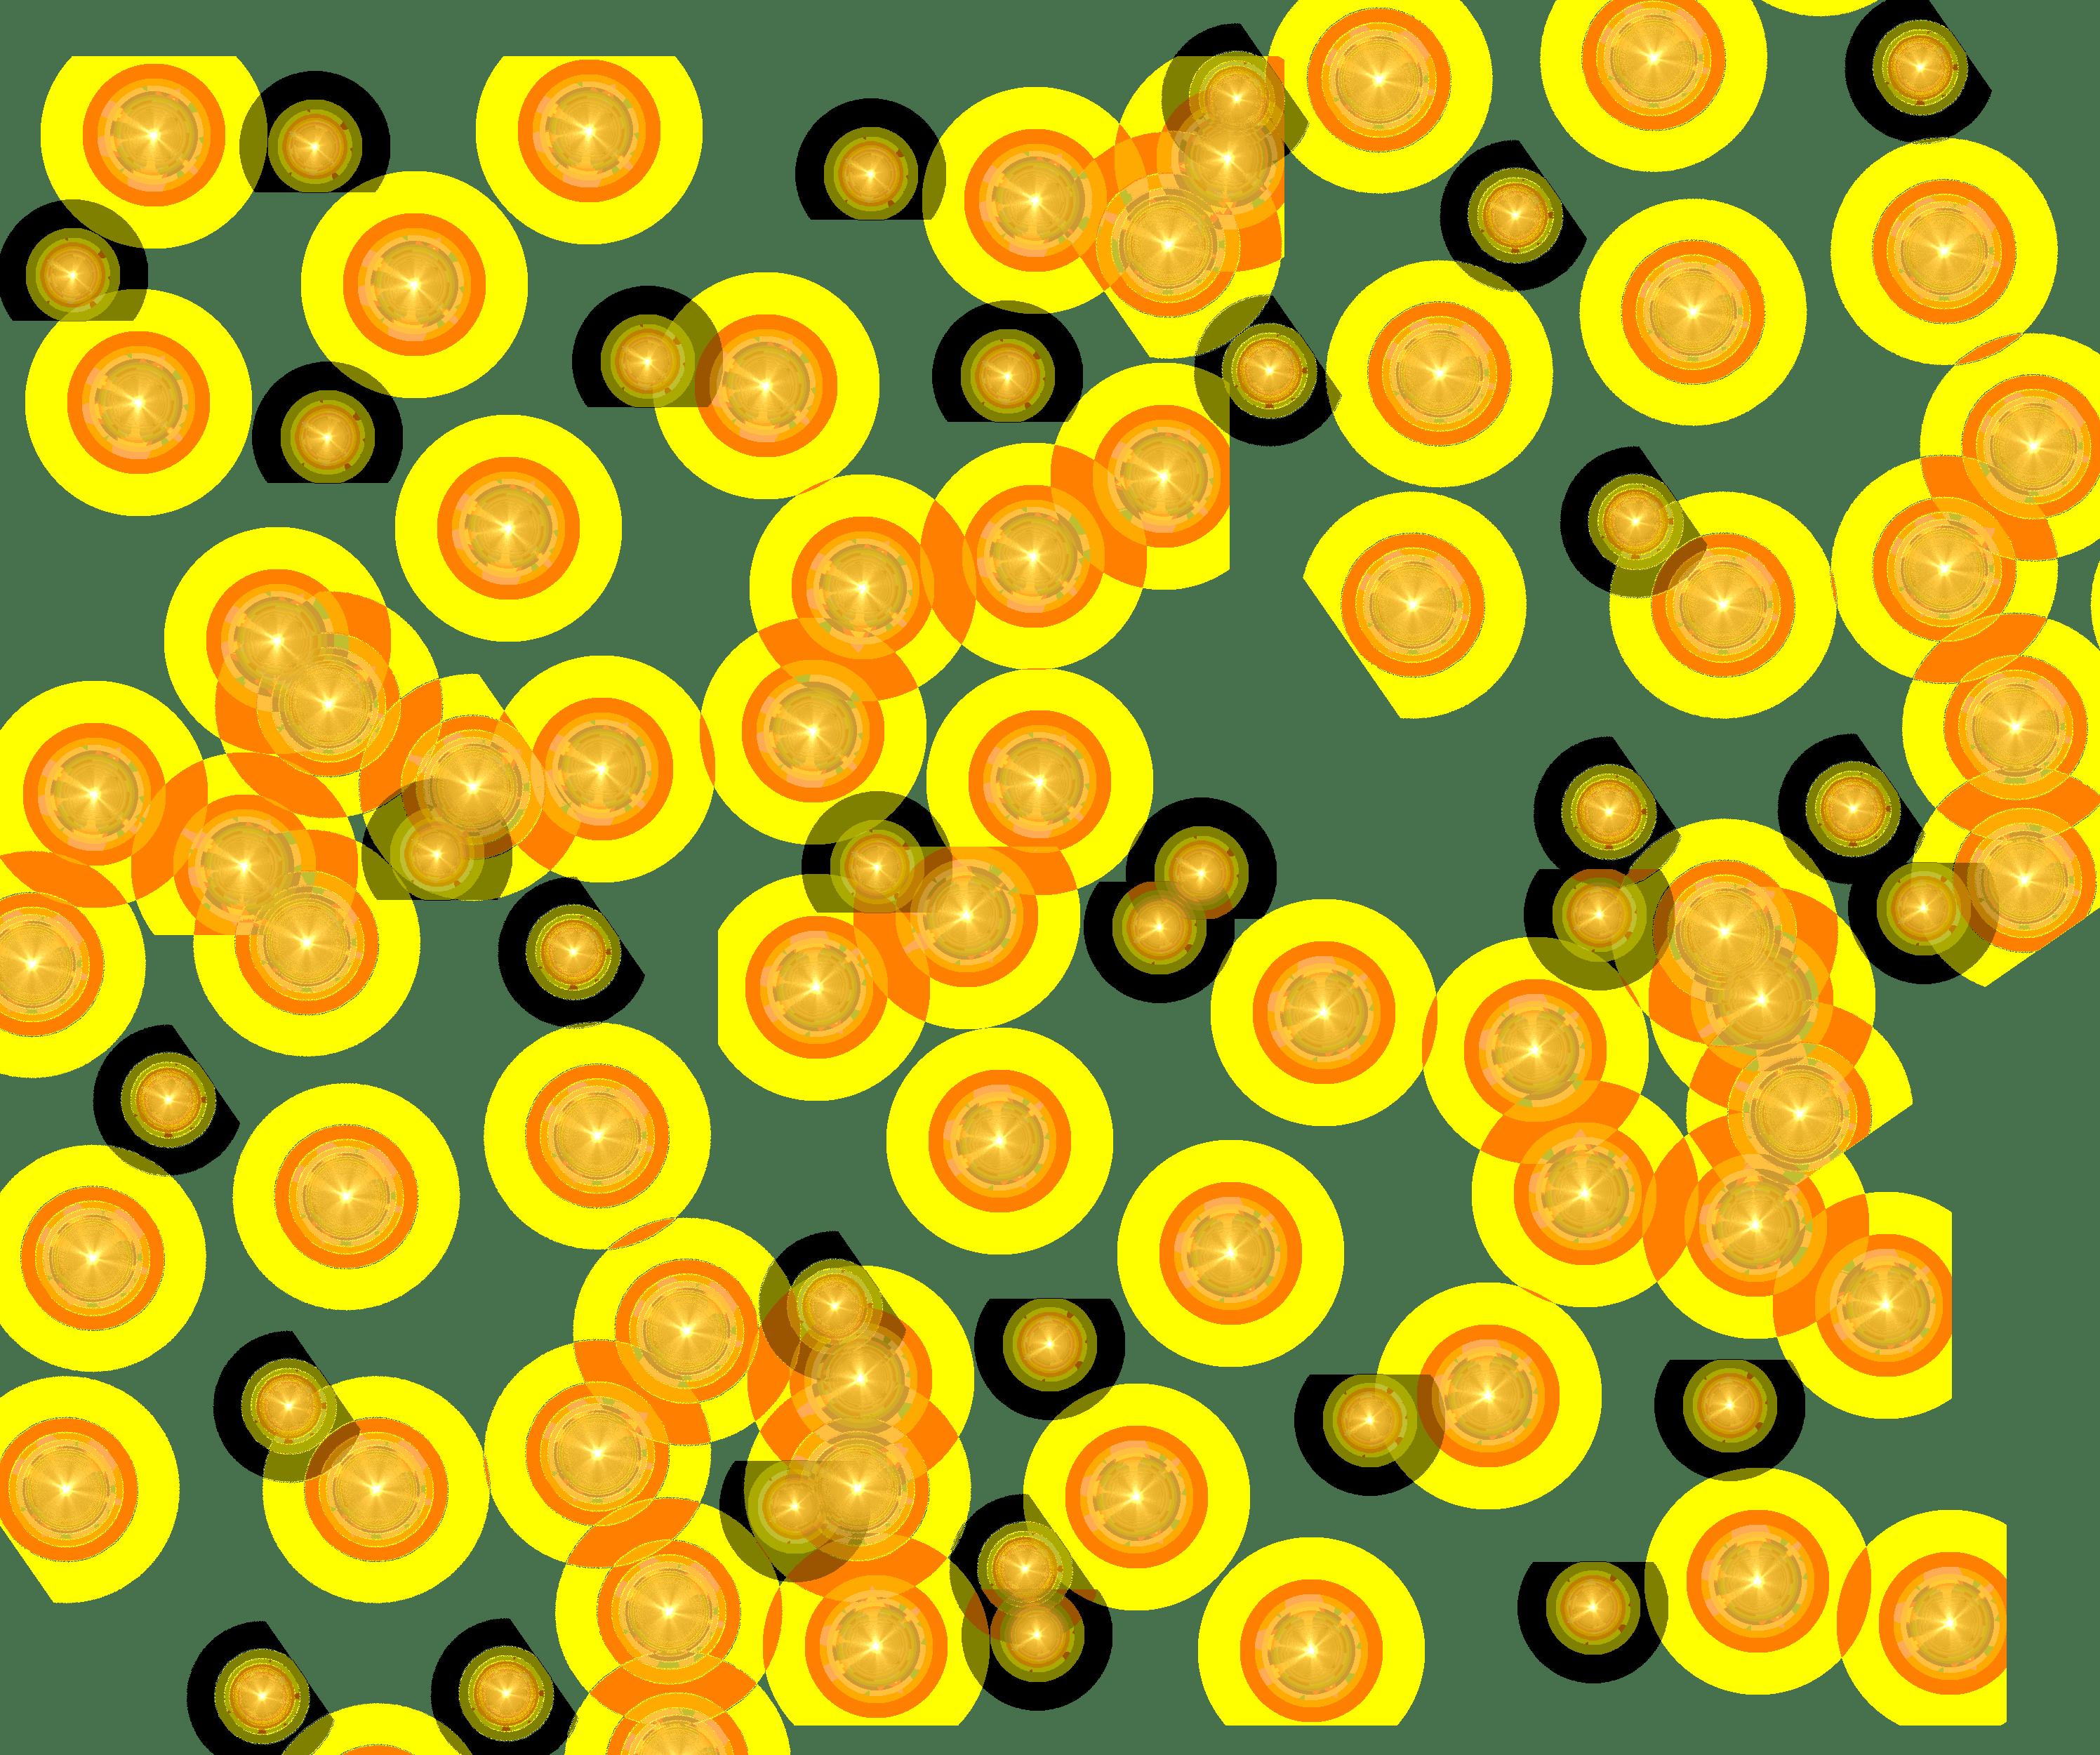 Bright Yellow Stars Bright Yellow Yellow Transparent